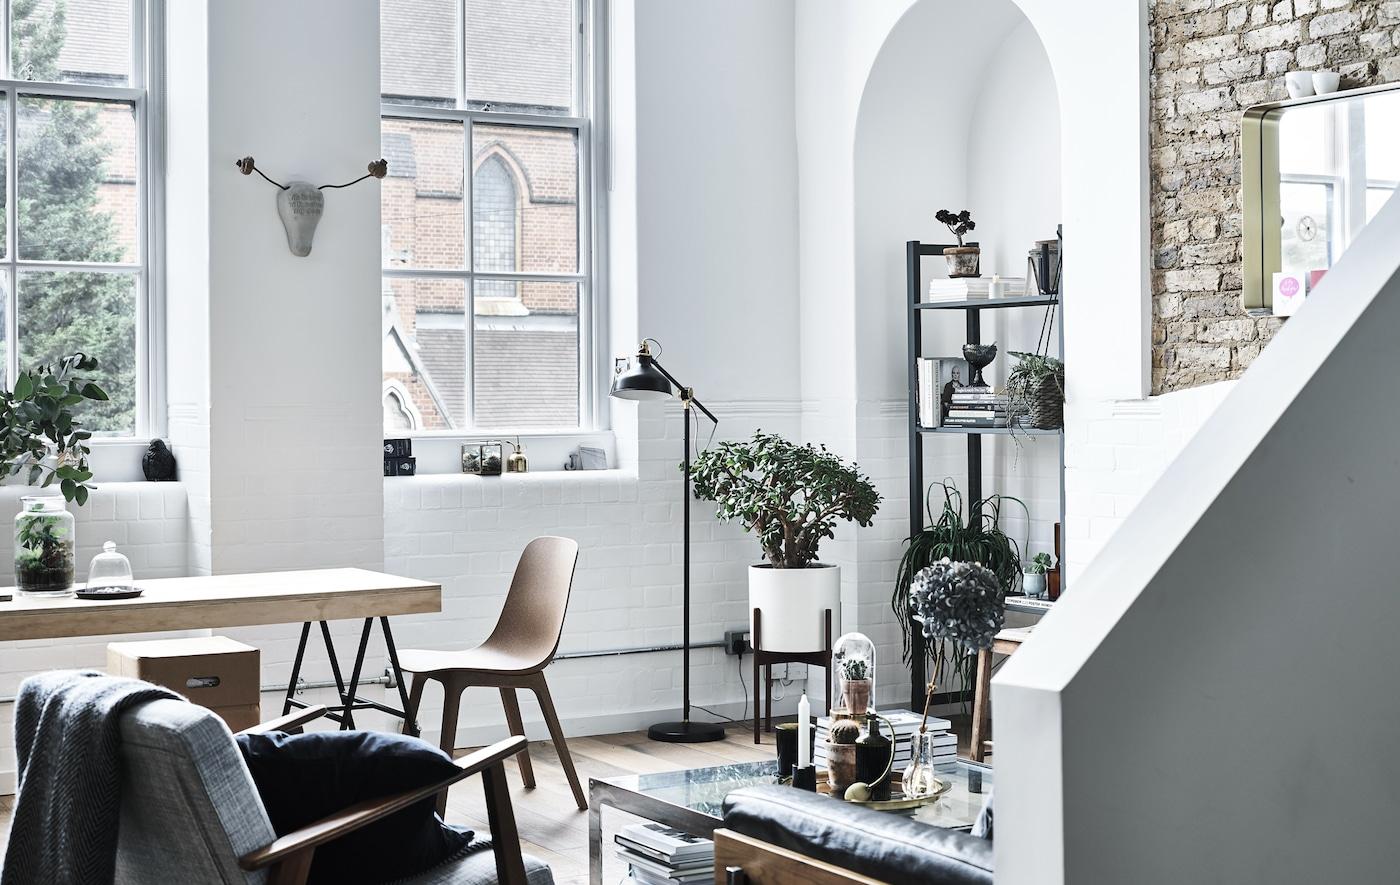 Soggiorno e zona pranzo con pareti bianche - IKEA